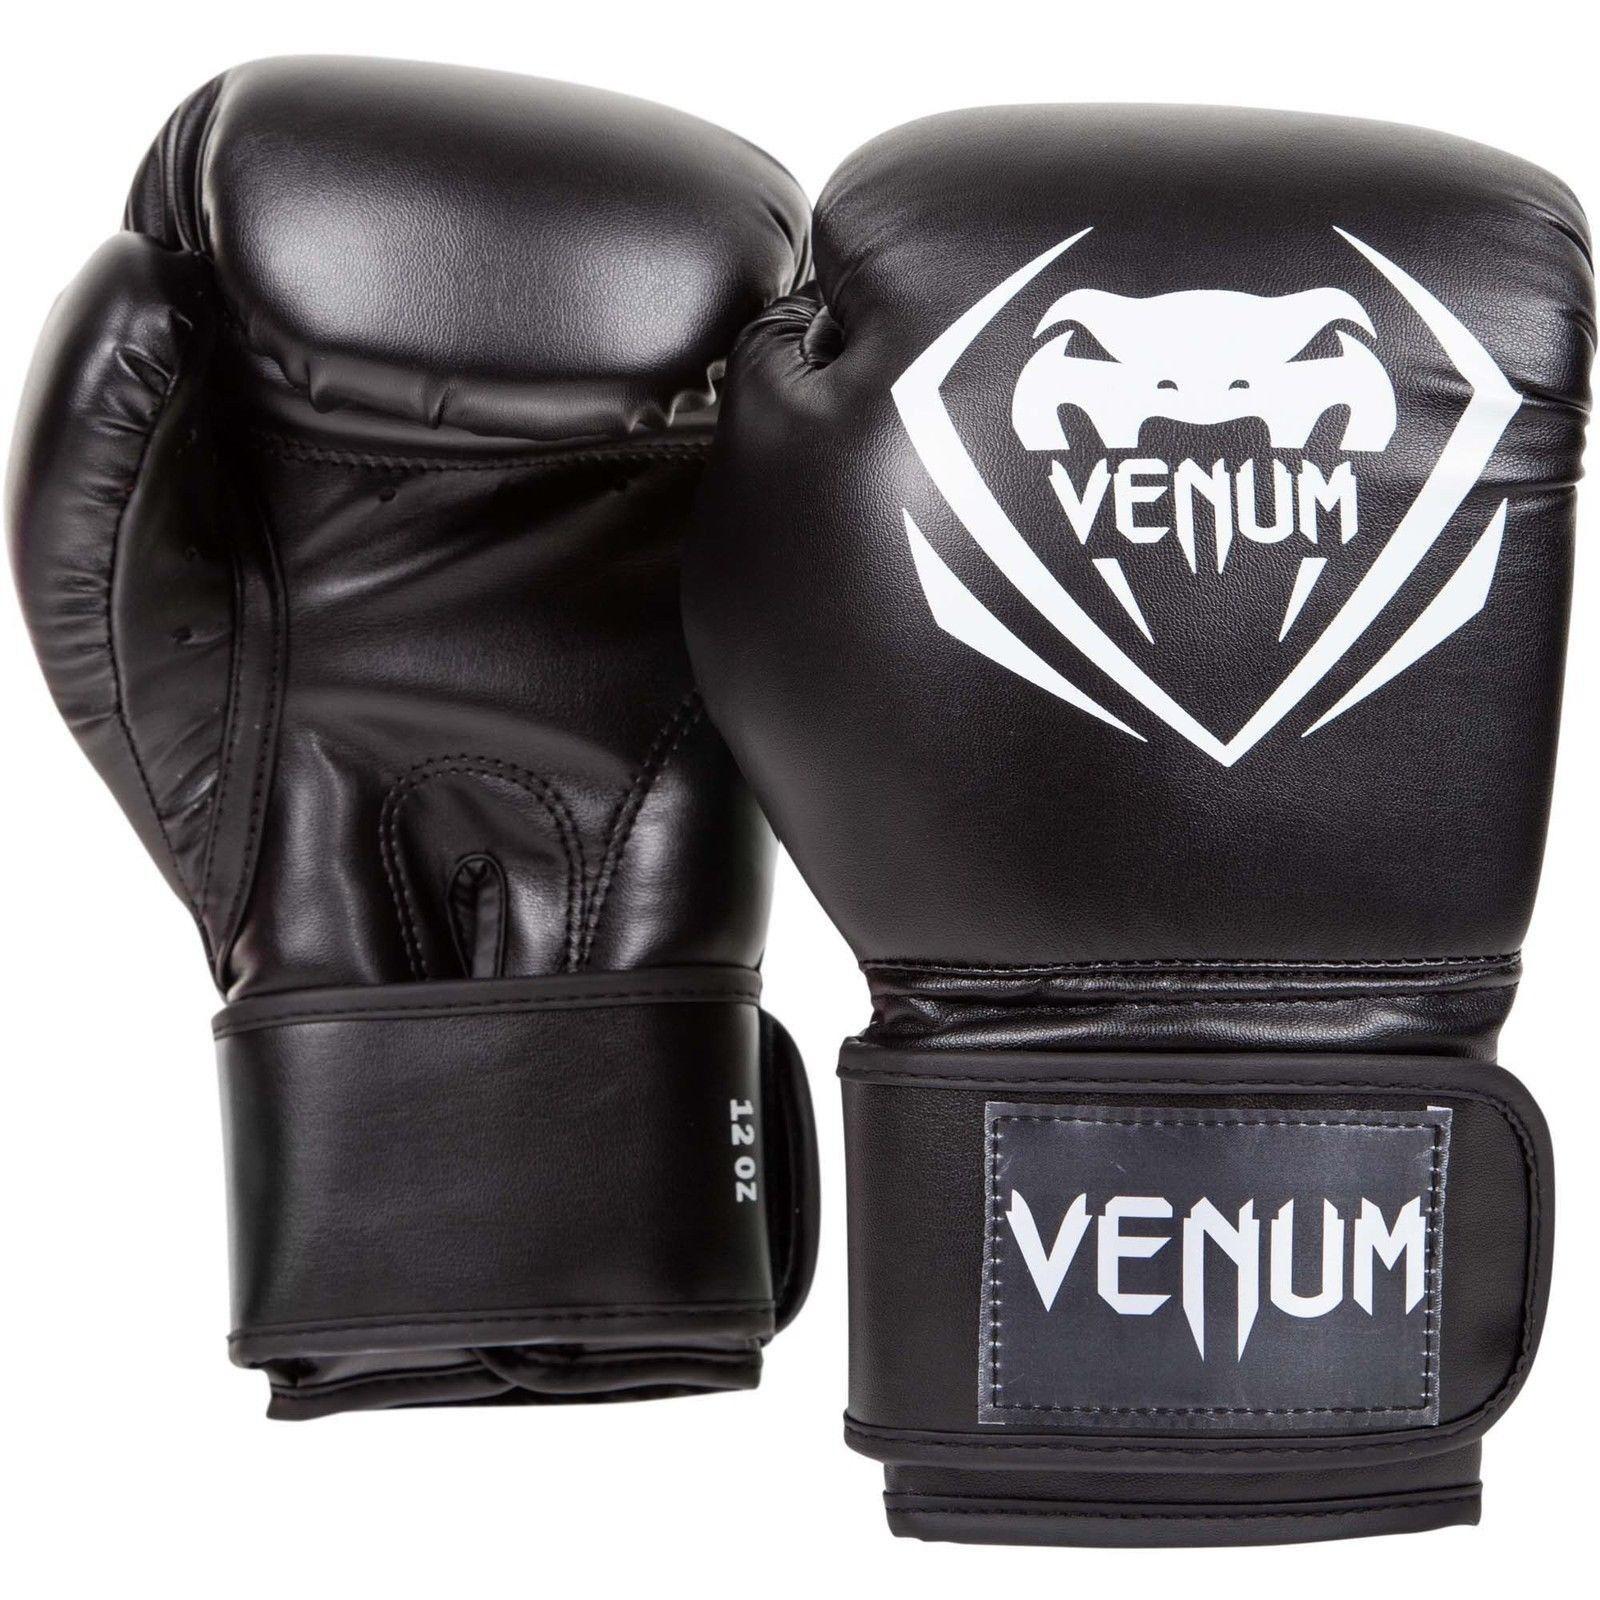 Venum Boxhandschuhe Boxhandschuhe Boxhandschuhe  Contender  1109 - Box Handschuhe - Boxing Gloves c5b358